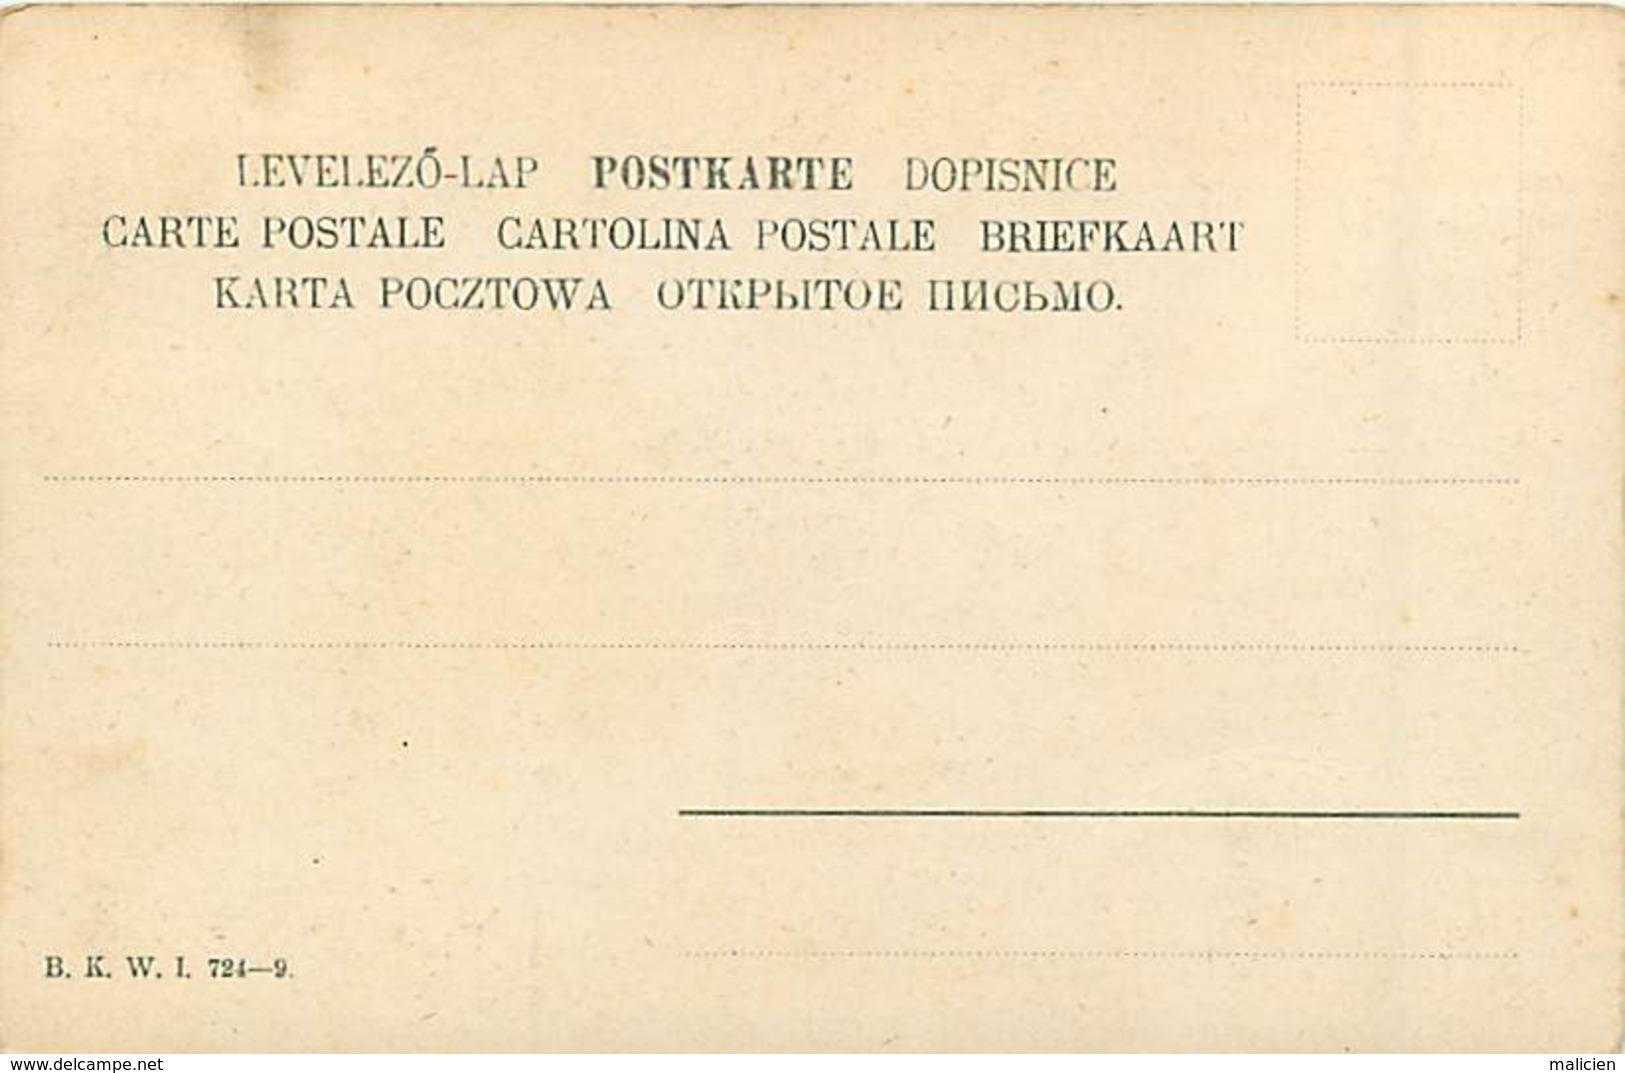 -ref-A954- Illustrateurs - Illustrateur - Mois De L Année - Septembre - Editeur B.k W..i.724-9 - Carte Bon Etat - - 1900-1949